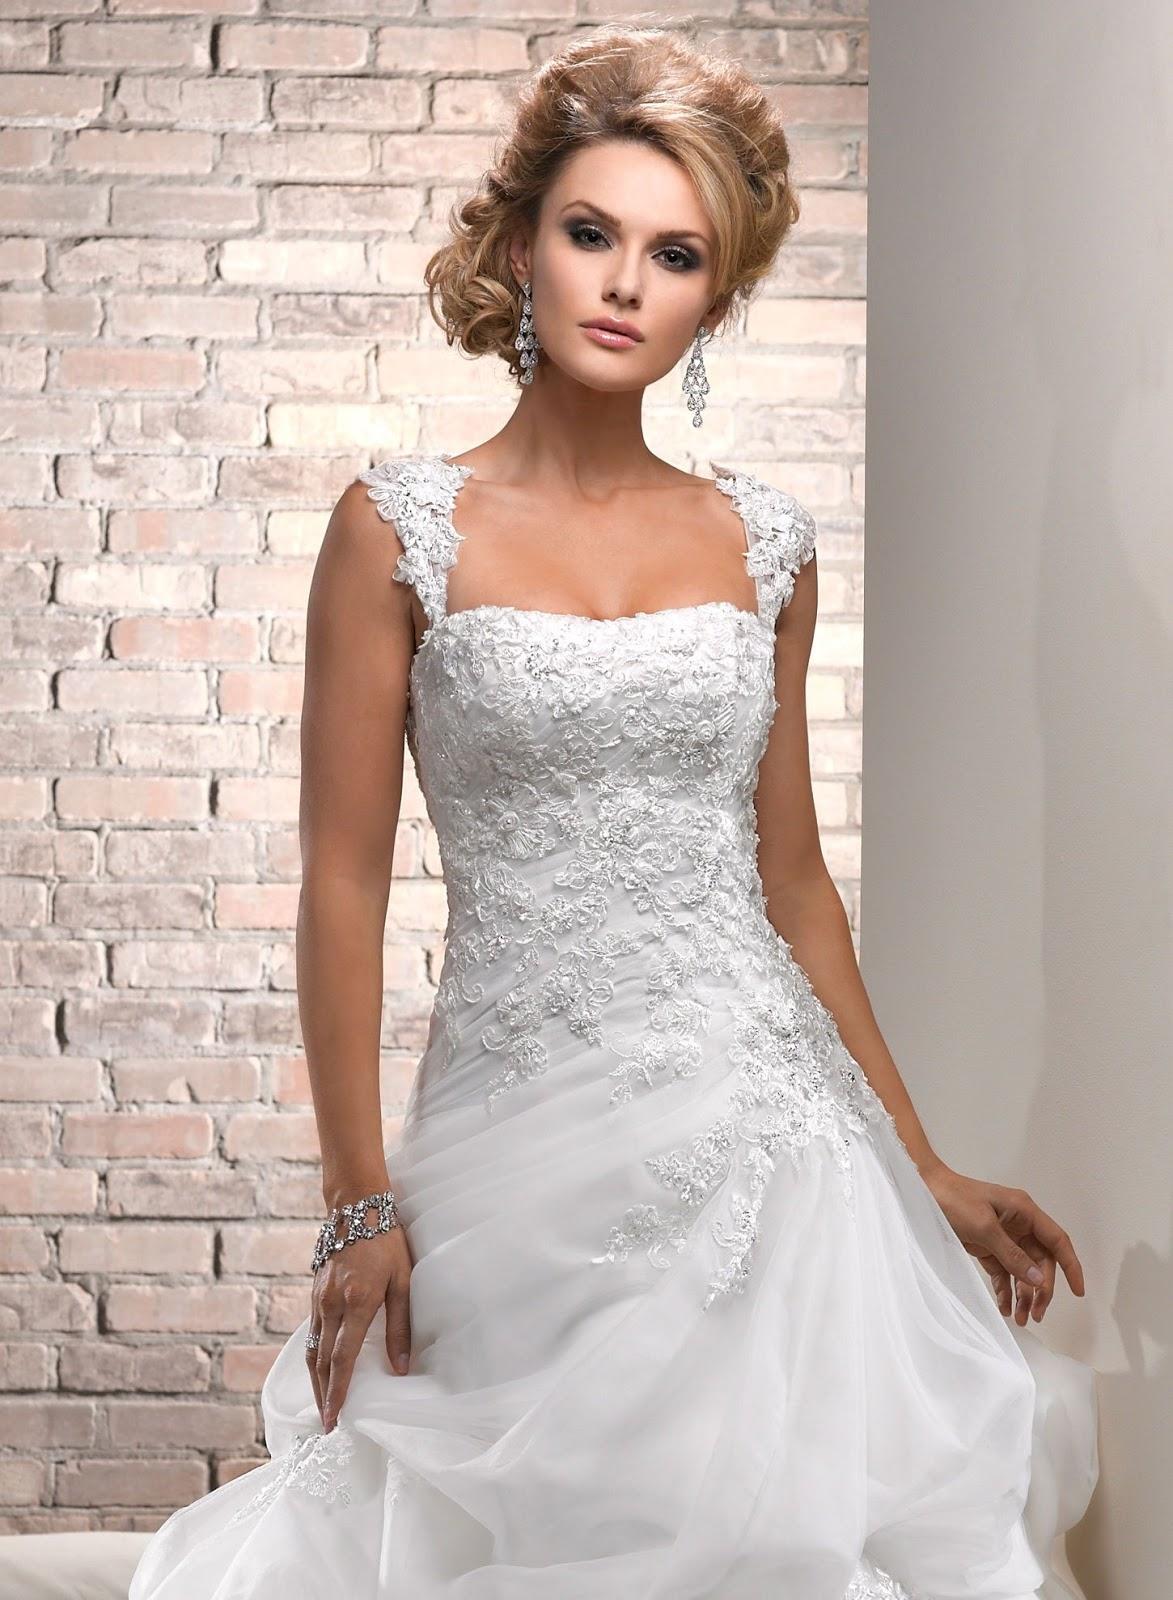 chimakadharoka2012: Wedding Gown